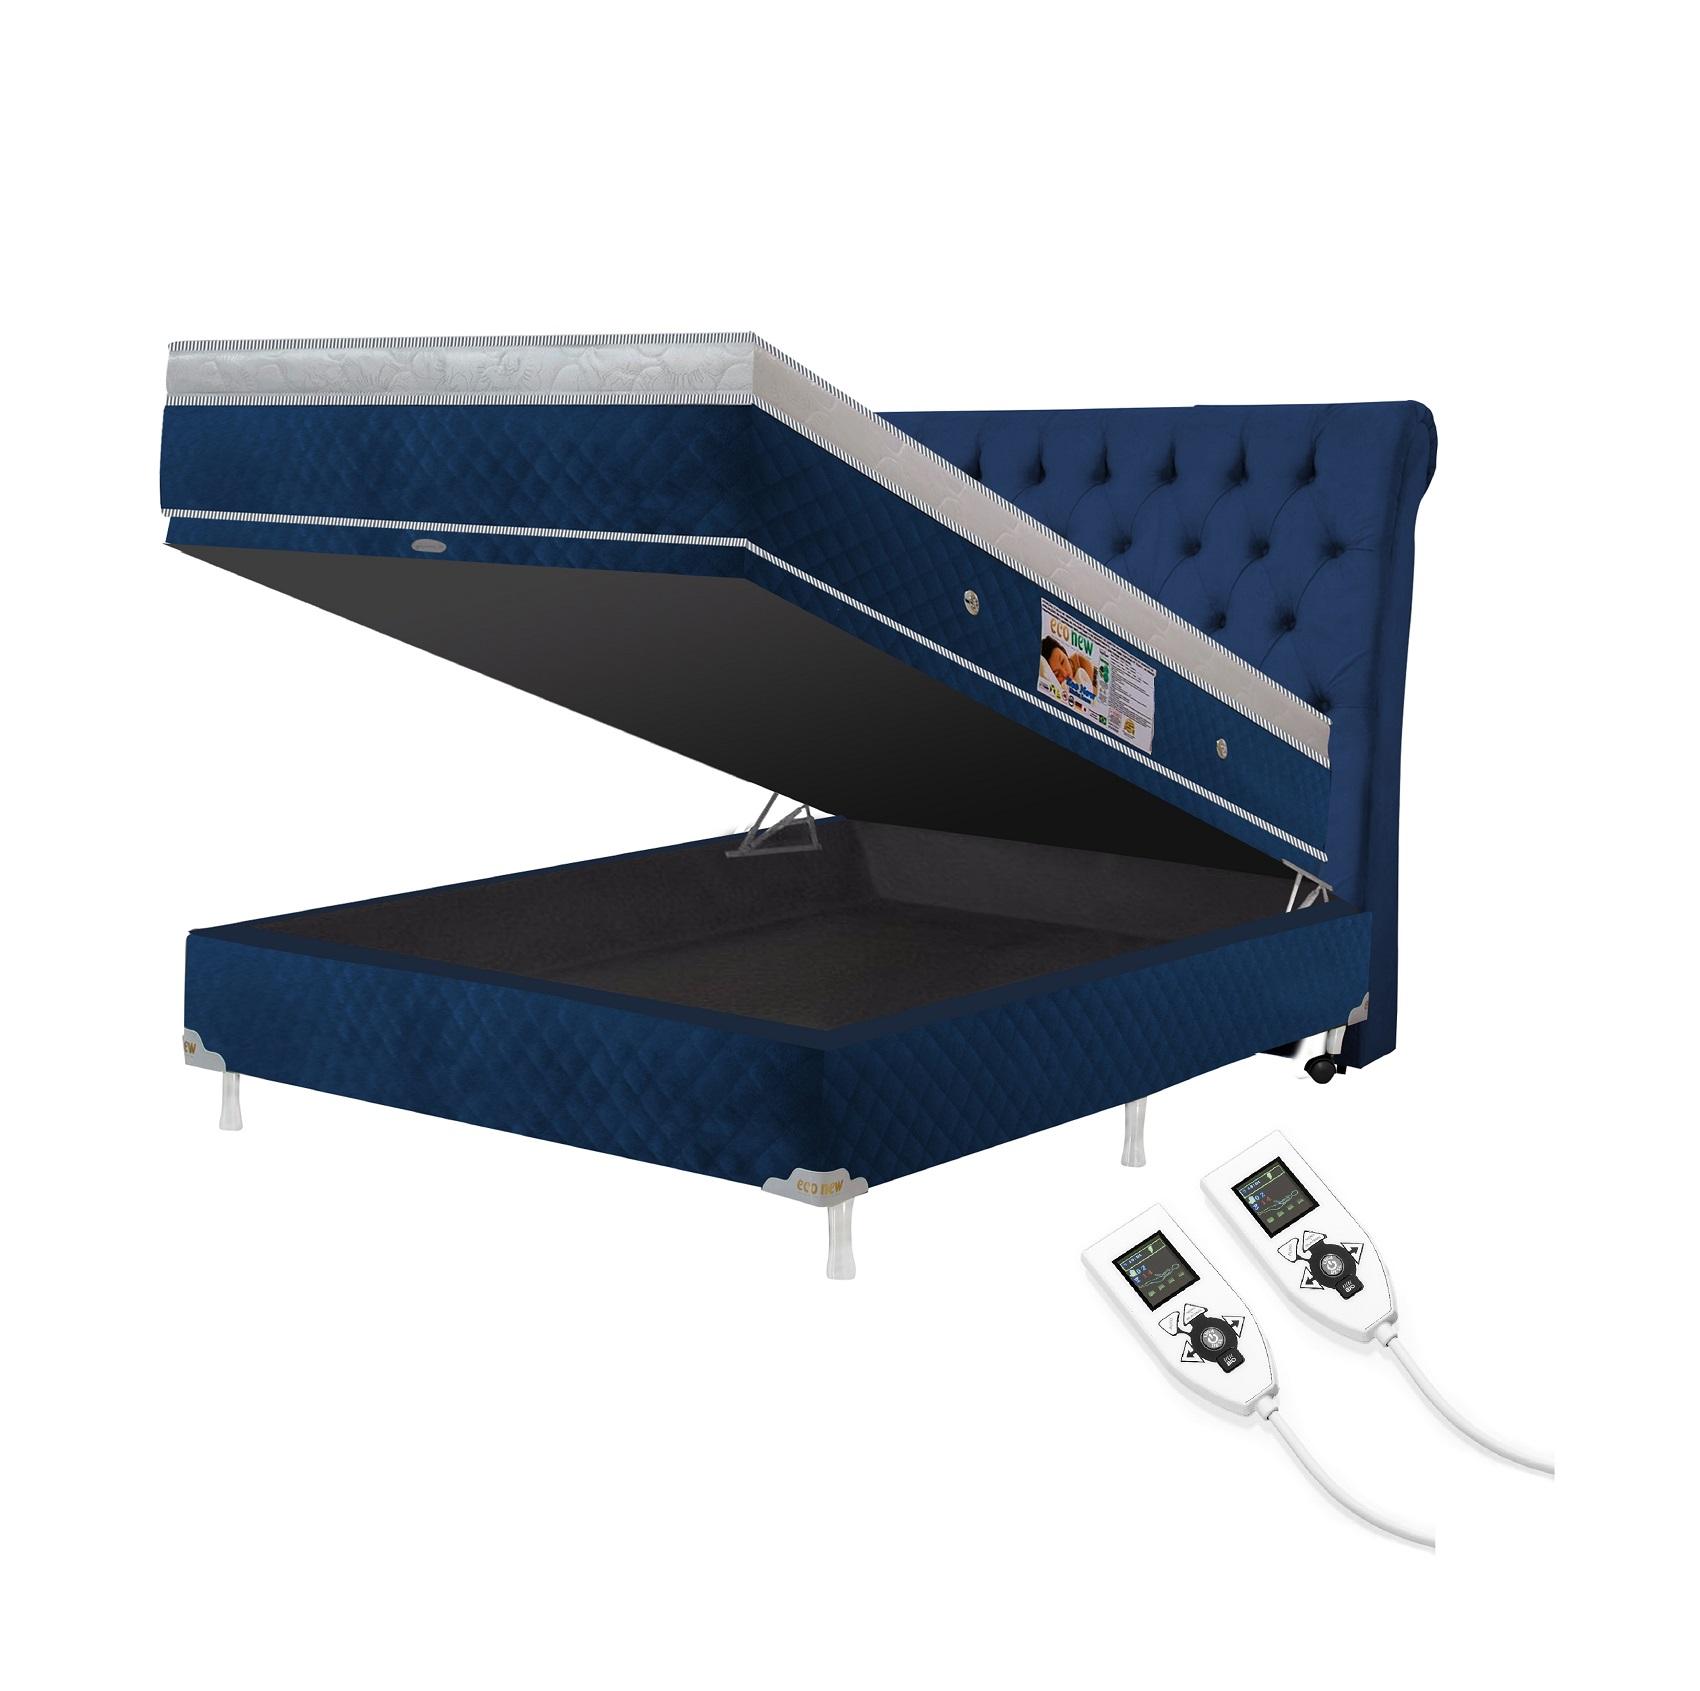 Cama Box Baú + Colchão Magnético Casal  Premium Massageador 2 Controles Bio quântico (Tamanho 1,38X1,88)